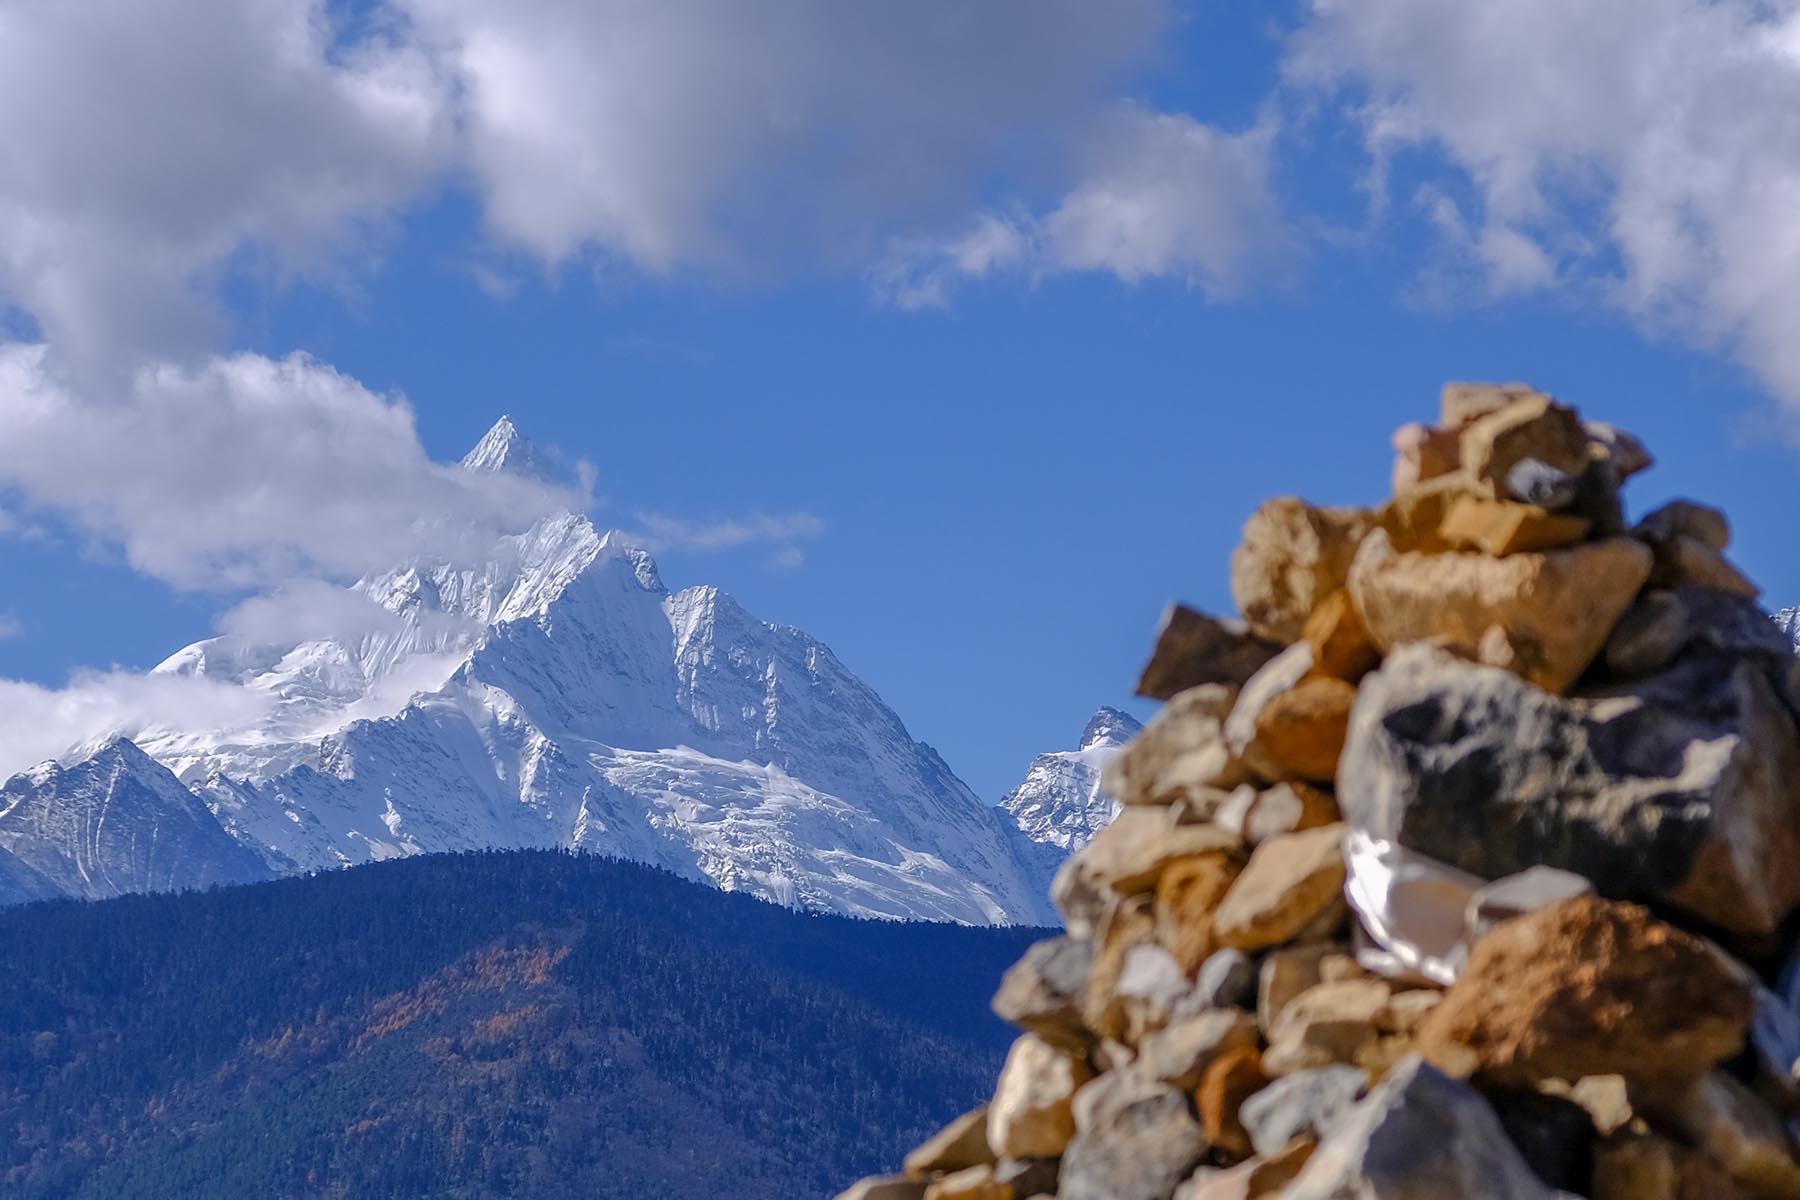 Kawagebo mit Schnee, der höchste Gipfel der Meili Snow Mountains in Yunnan, China